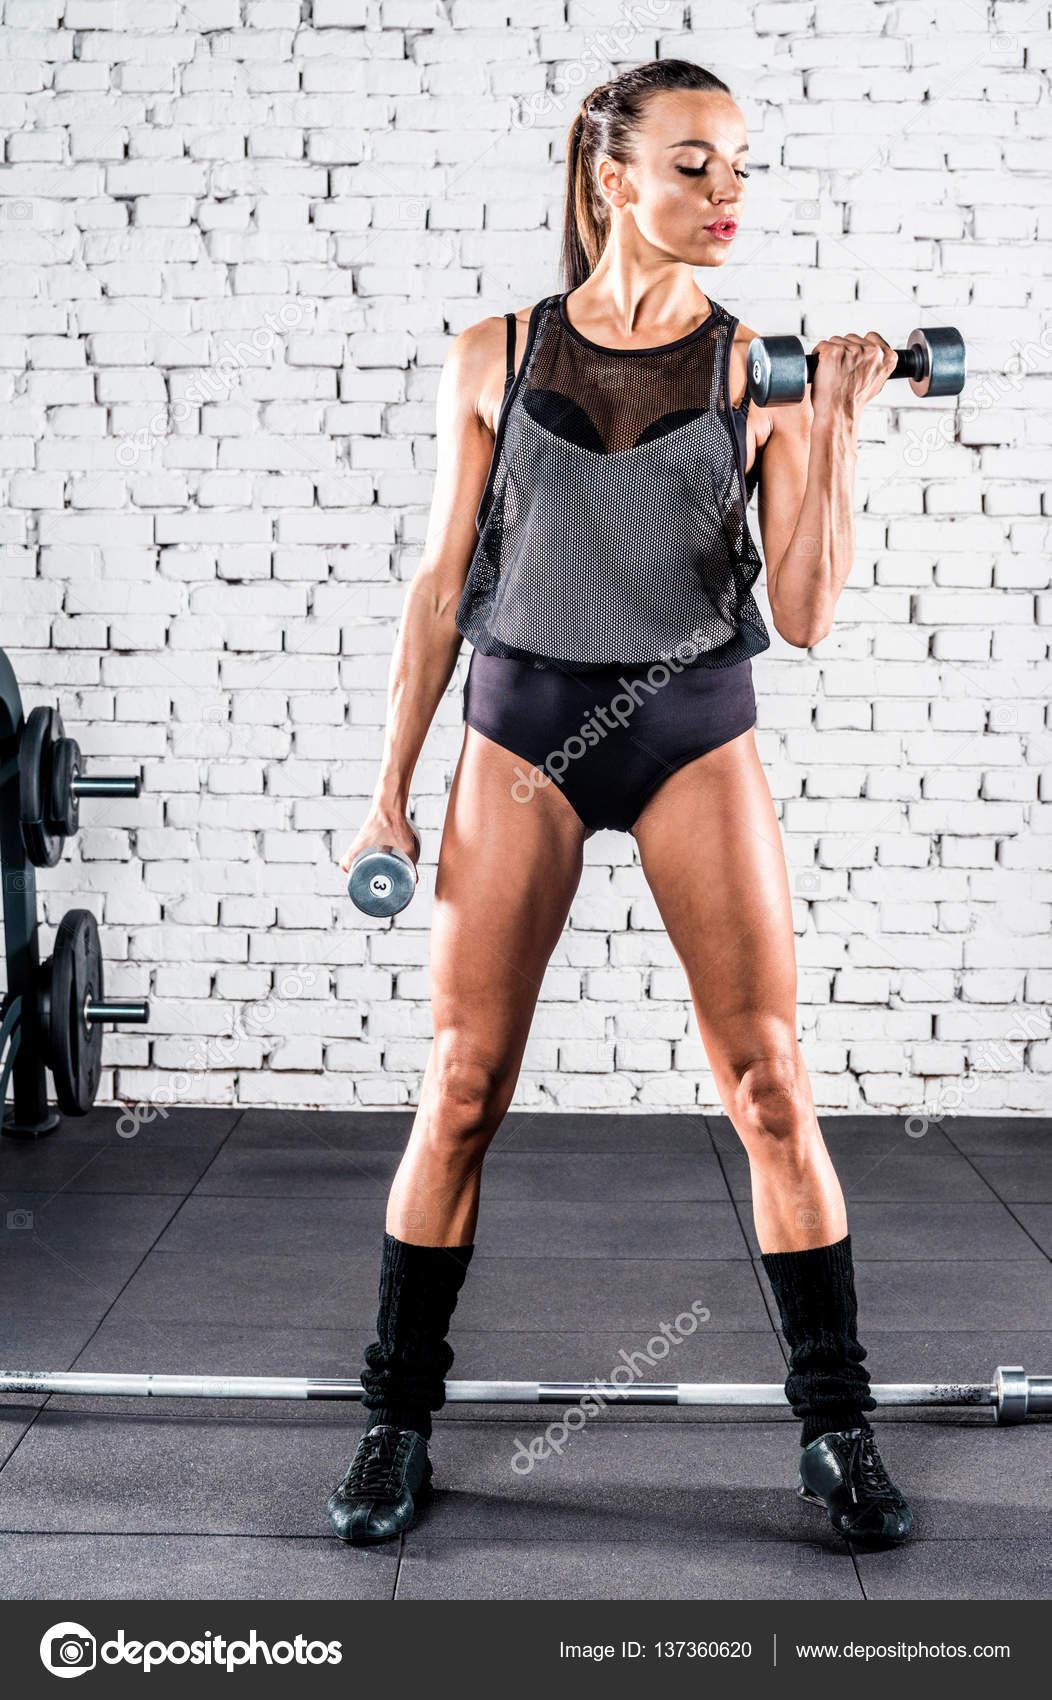 Фото полуобнаженные спортсменки тренируются фото 457-356